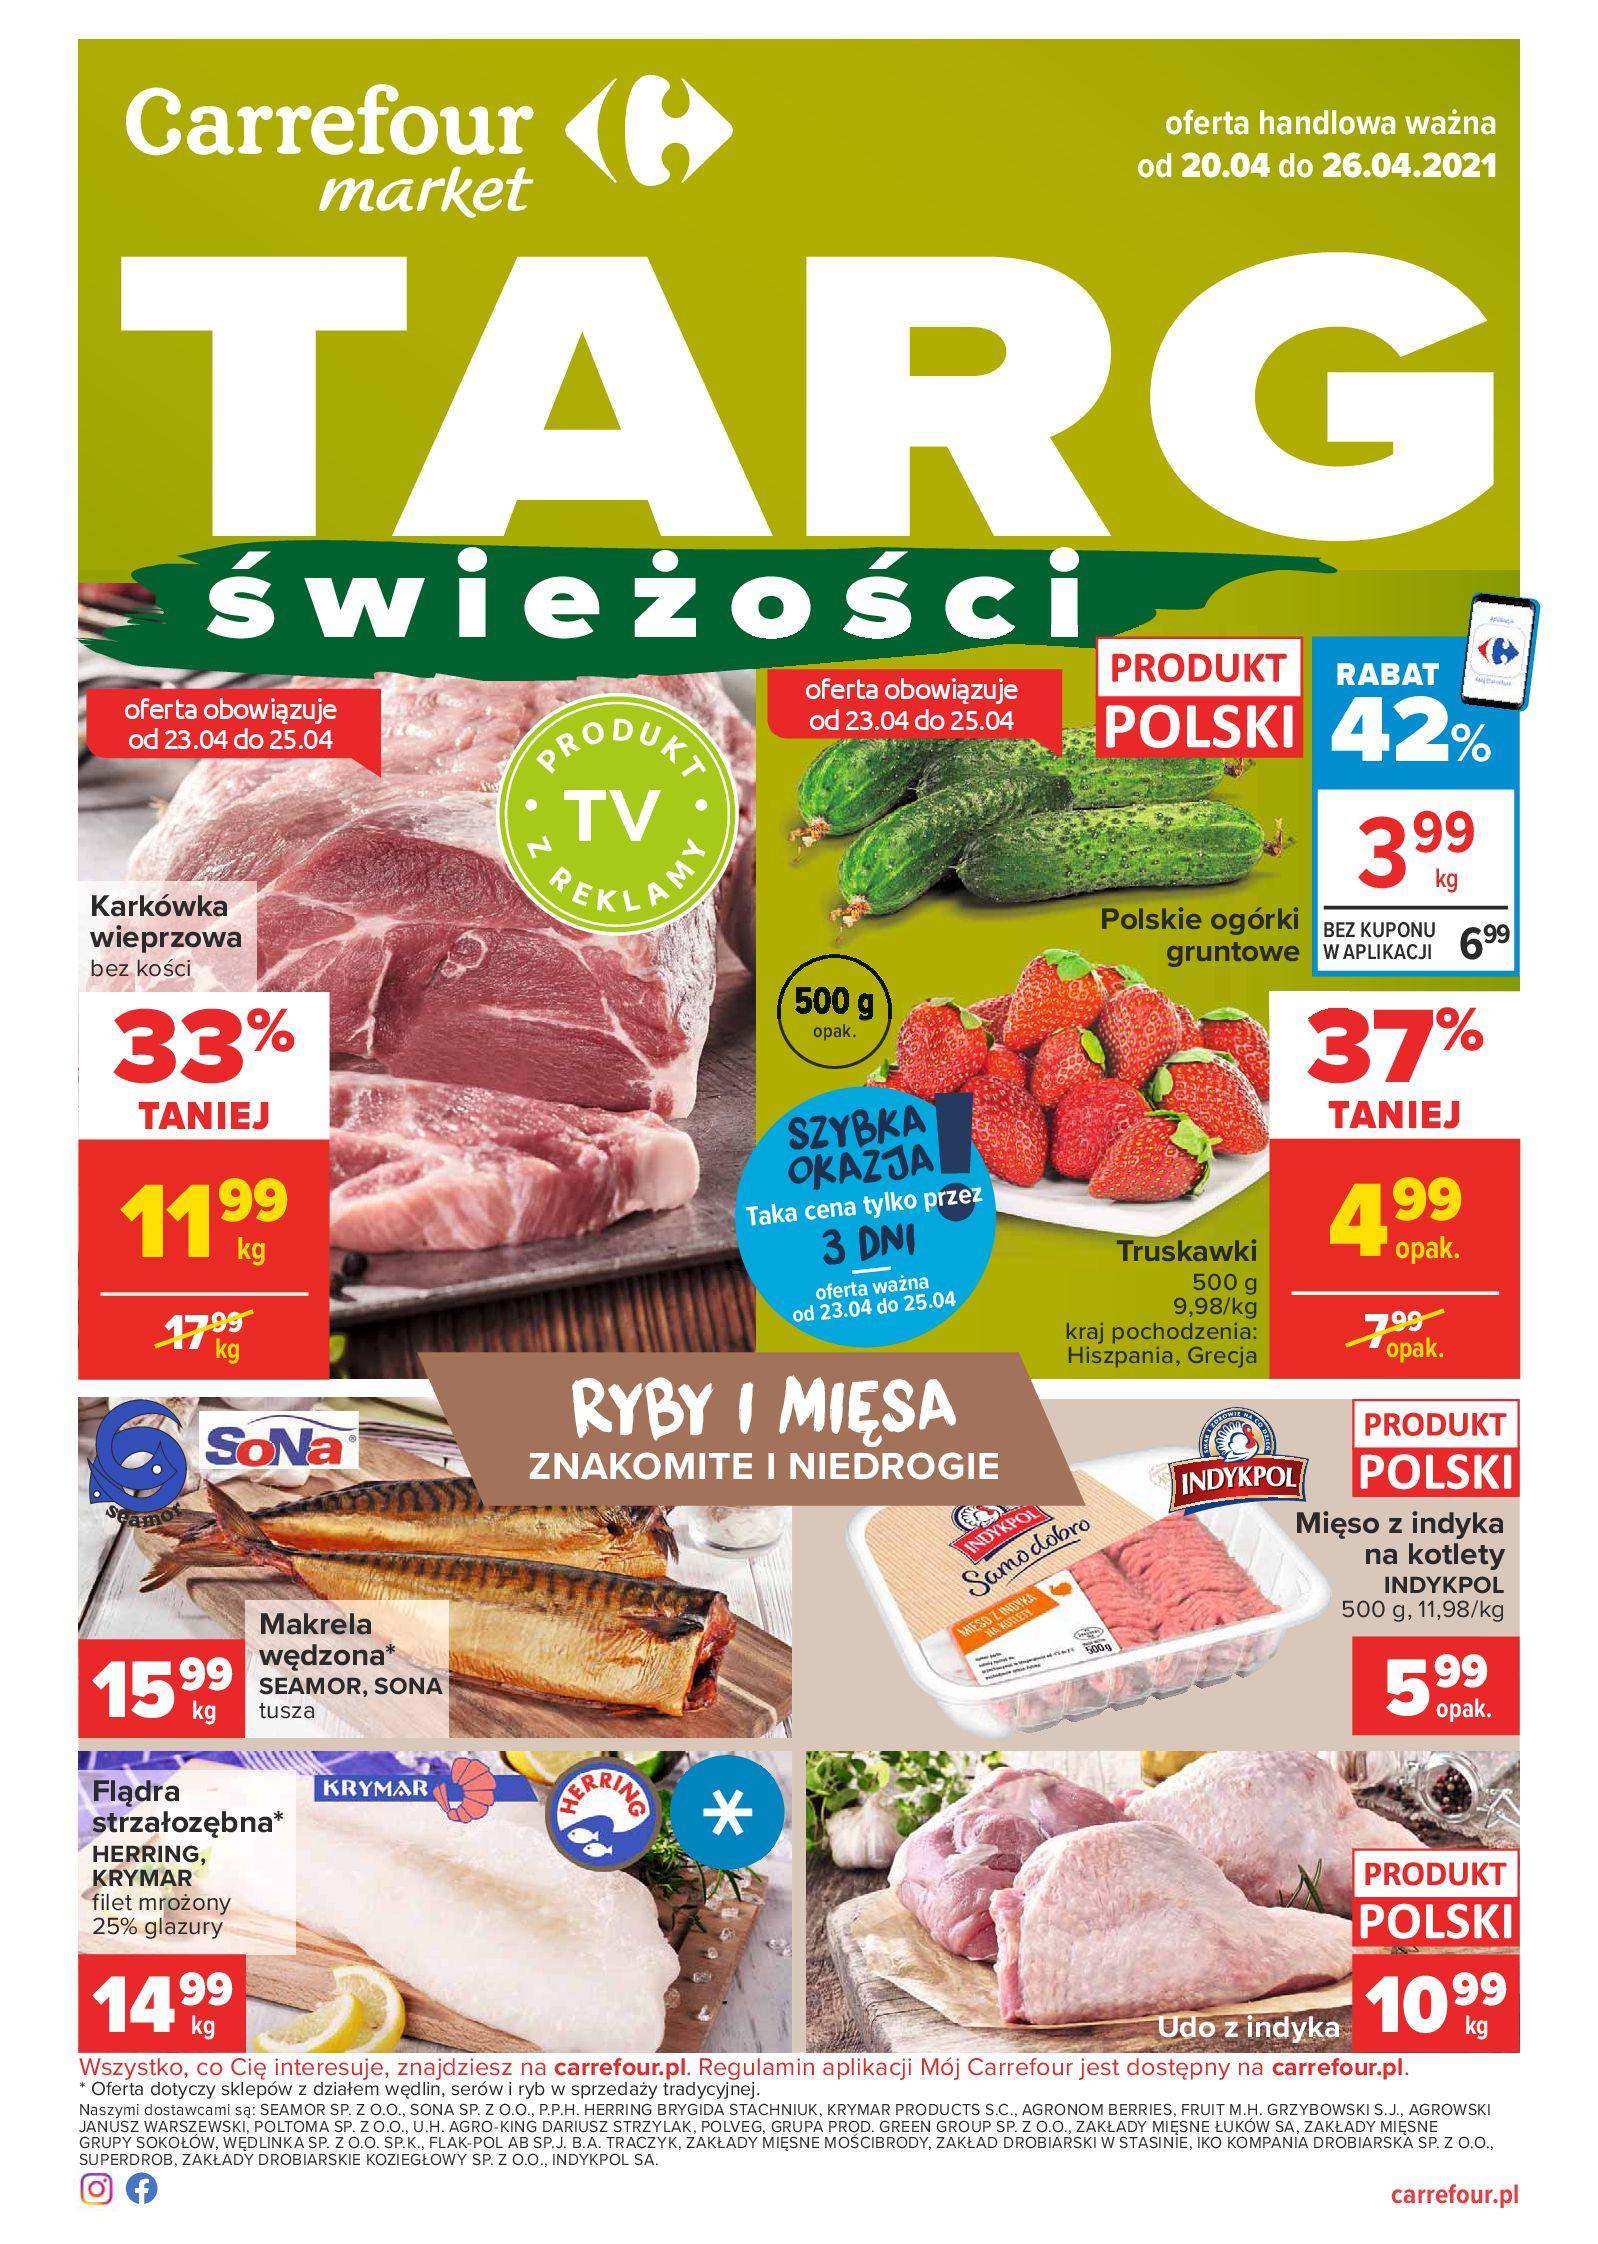 Carrefour Market:  Carrefour Market - Targ Świeżości 19.04.2021